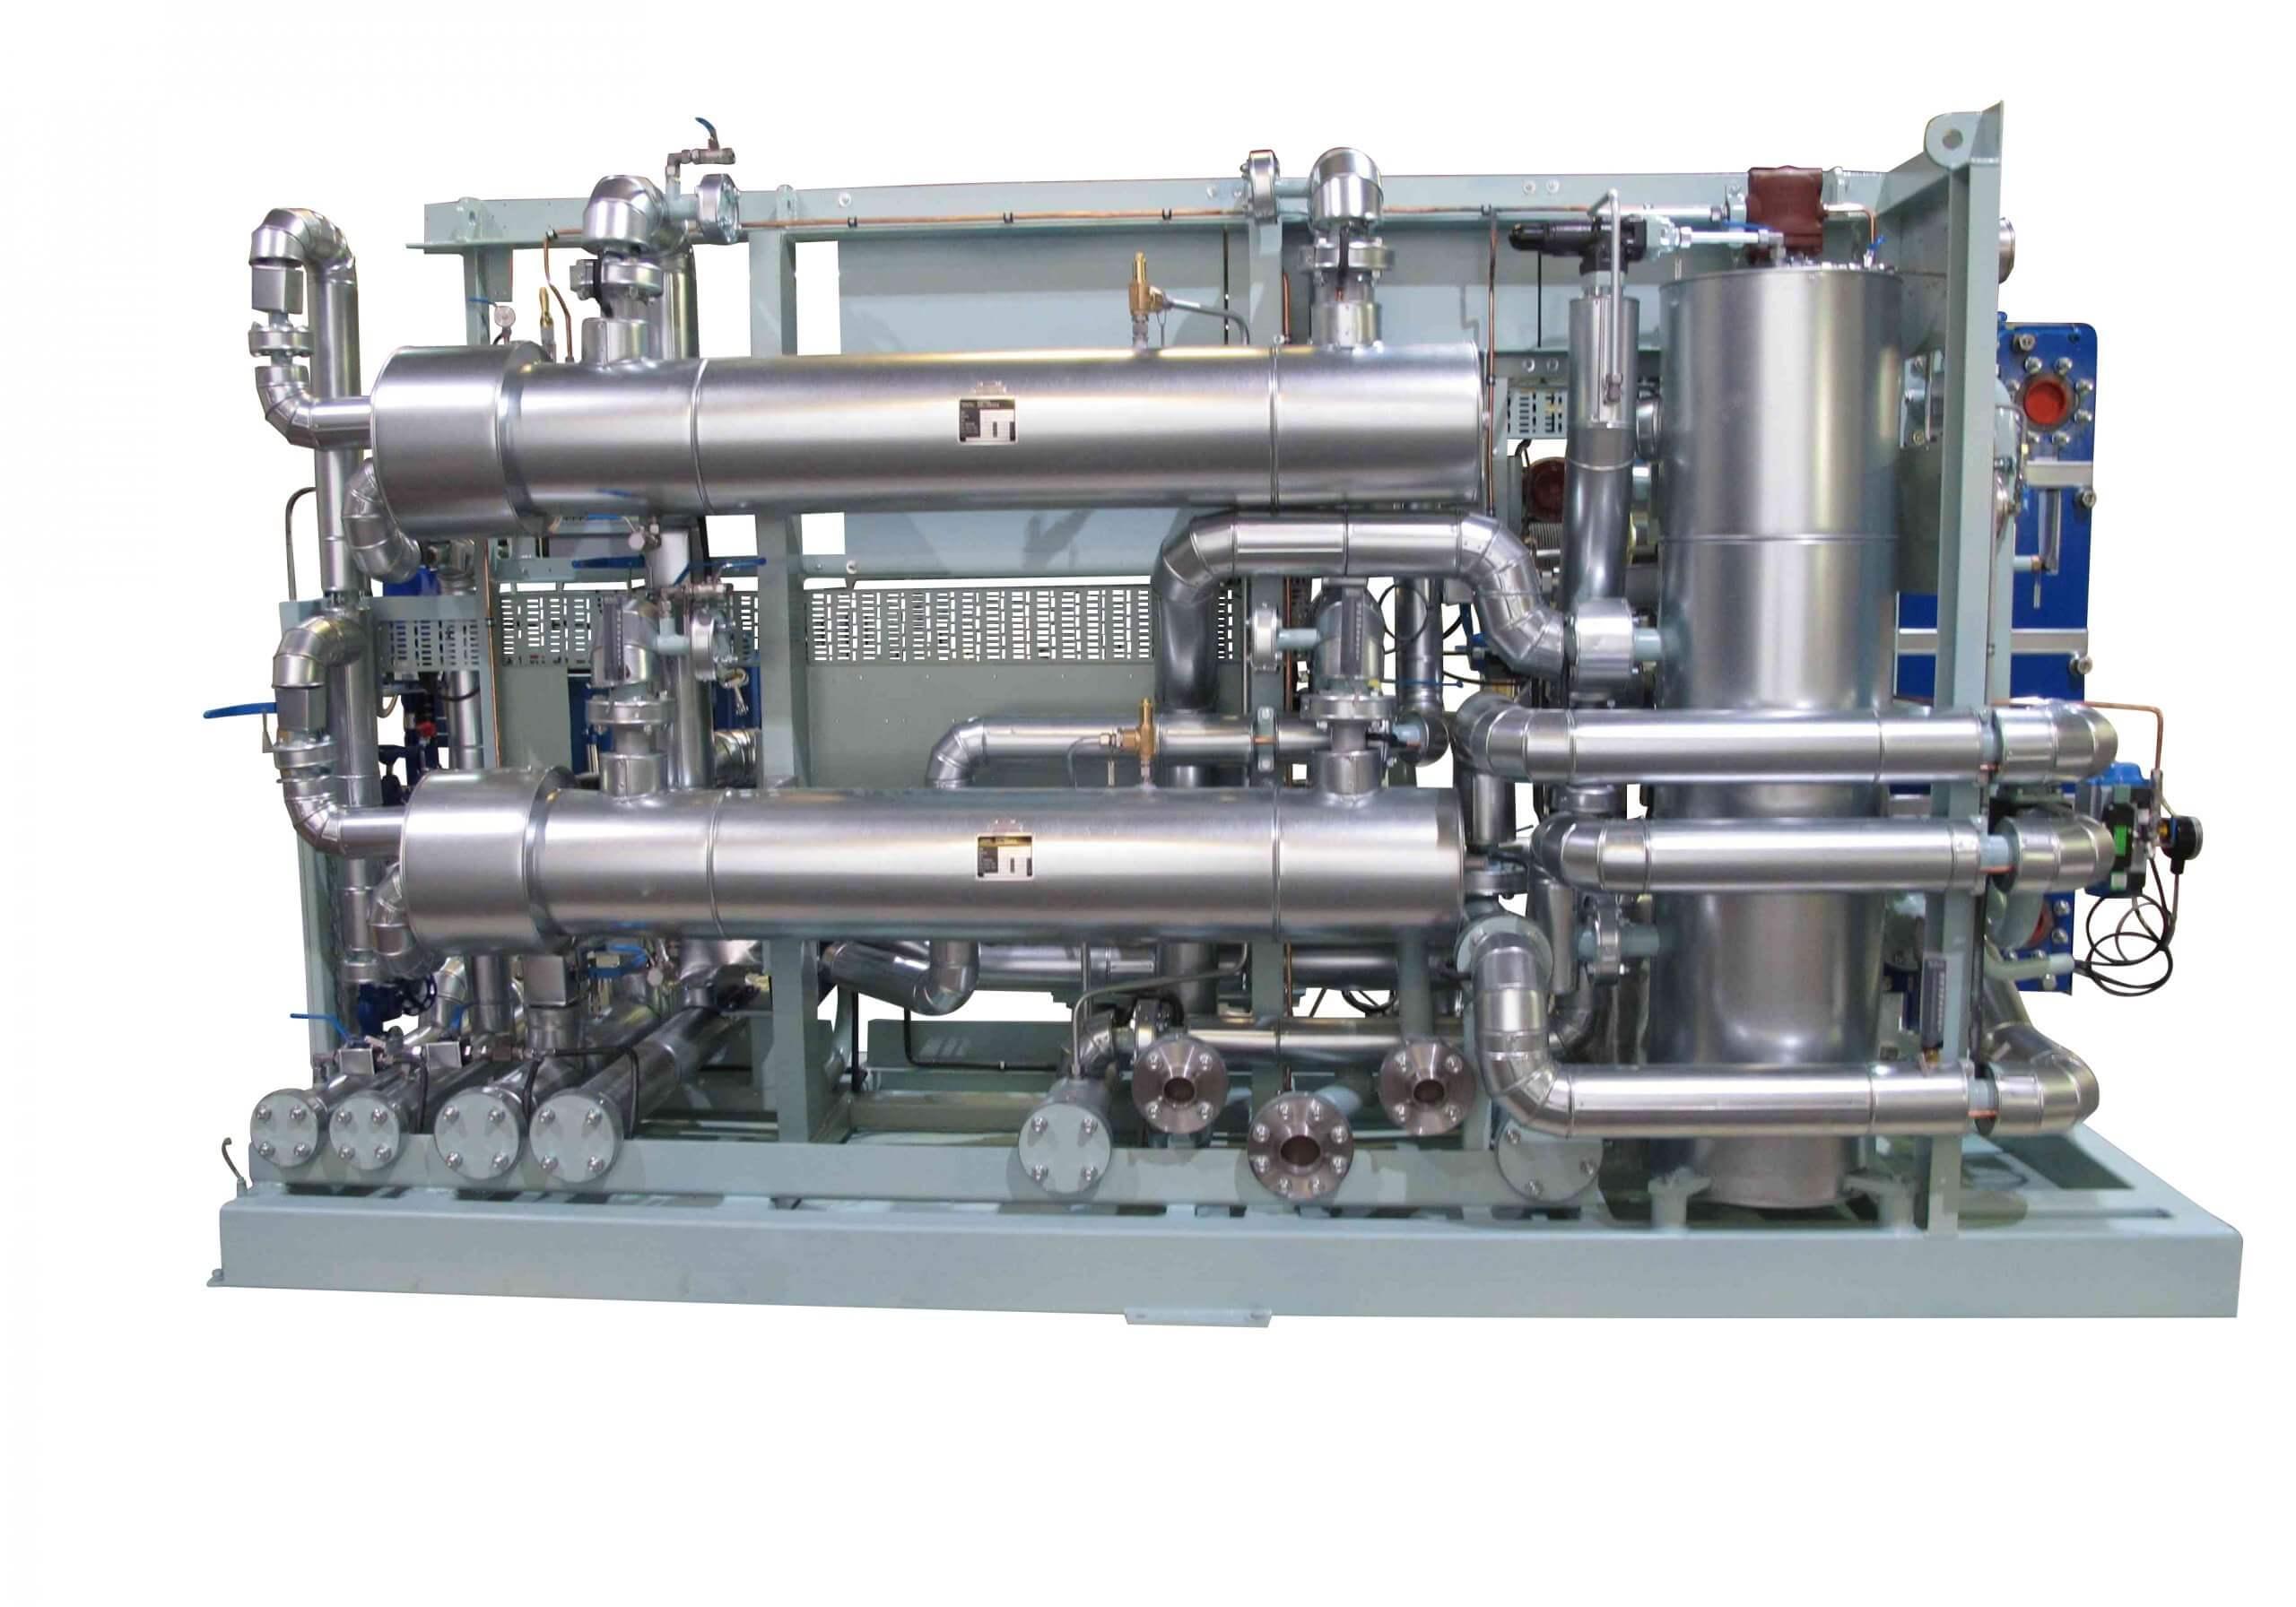 Heat exchanger tube steam